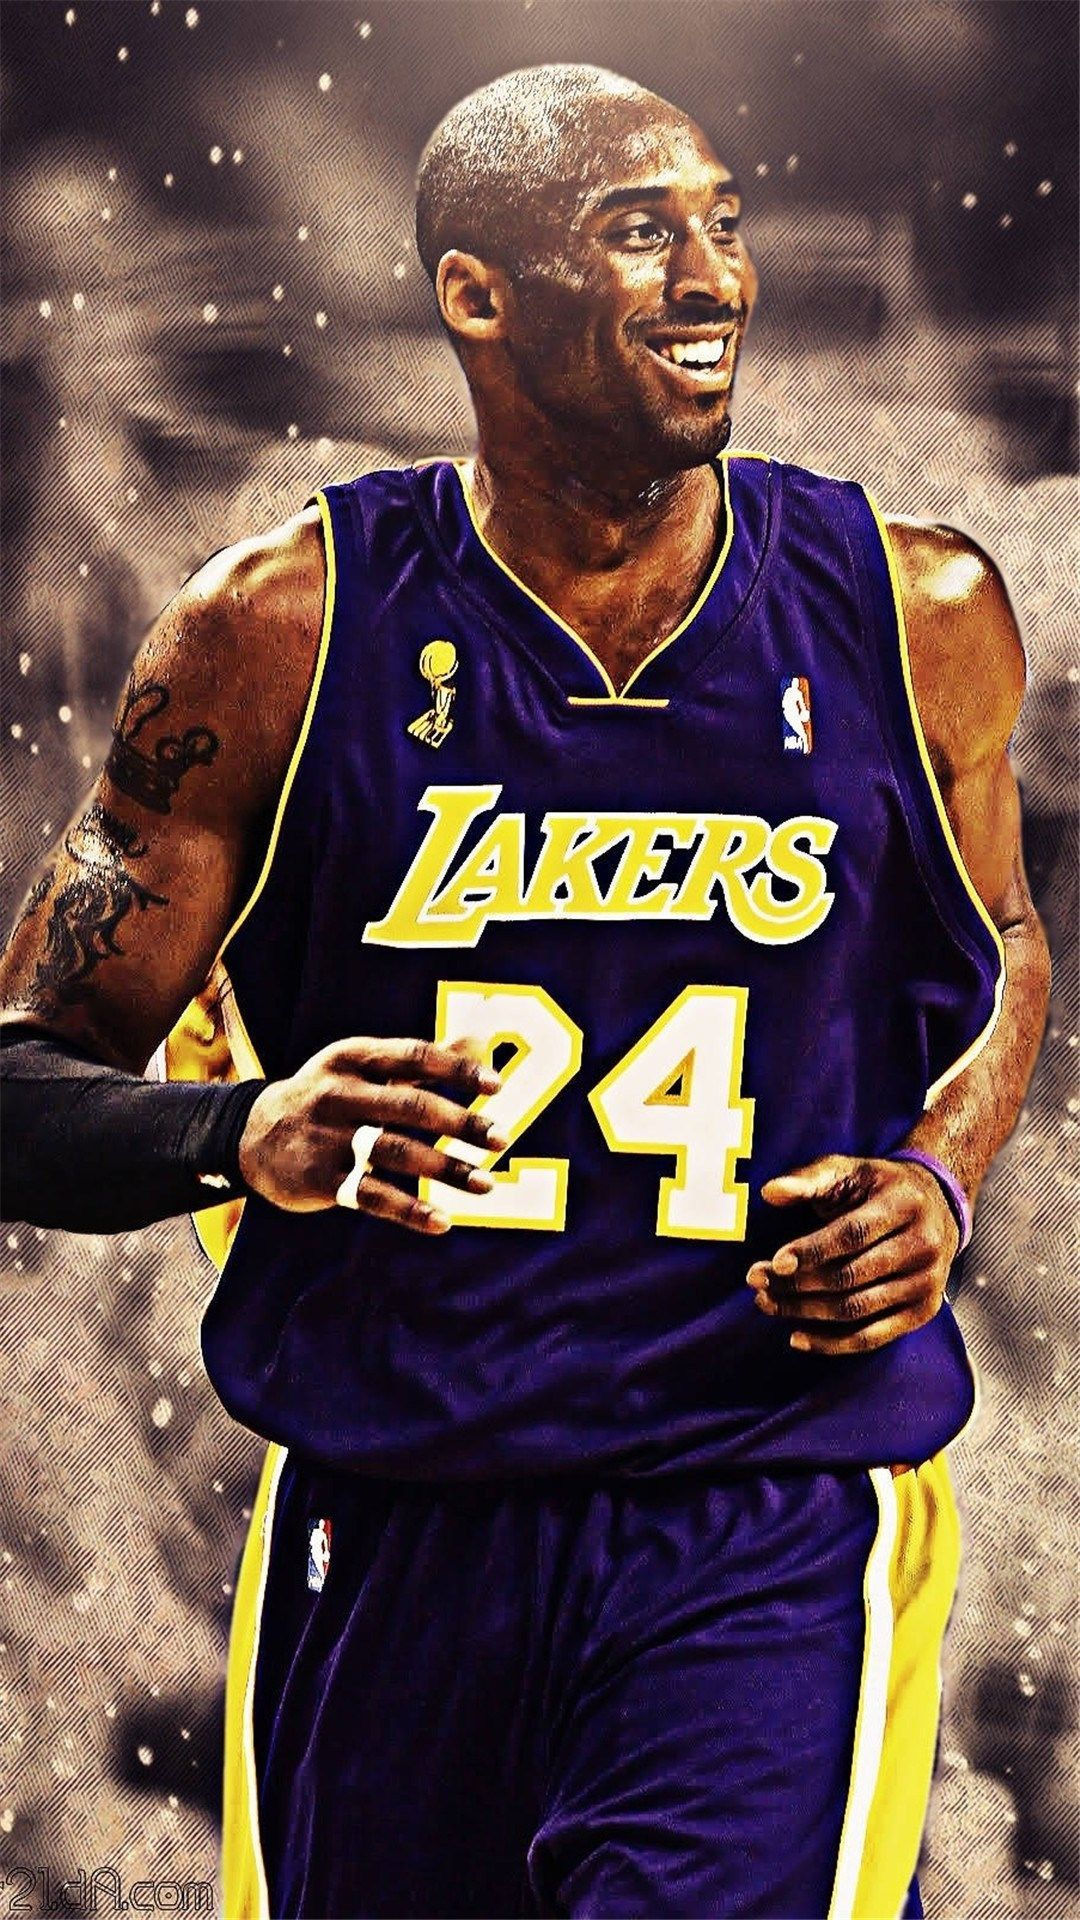 Kobe Bryant Image in 2020 Kobe bryant wallpaper